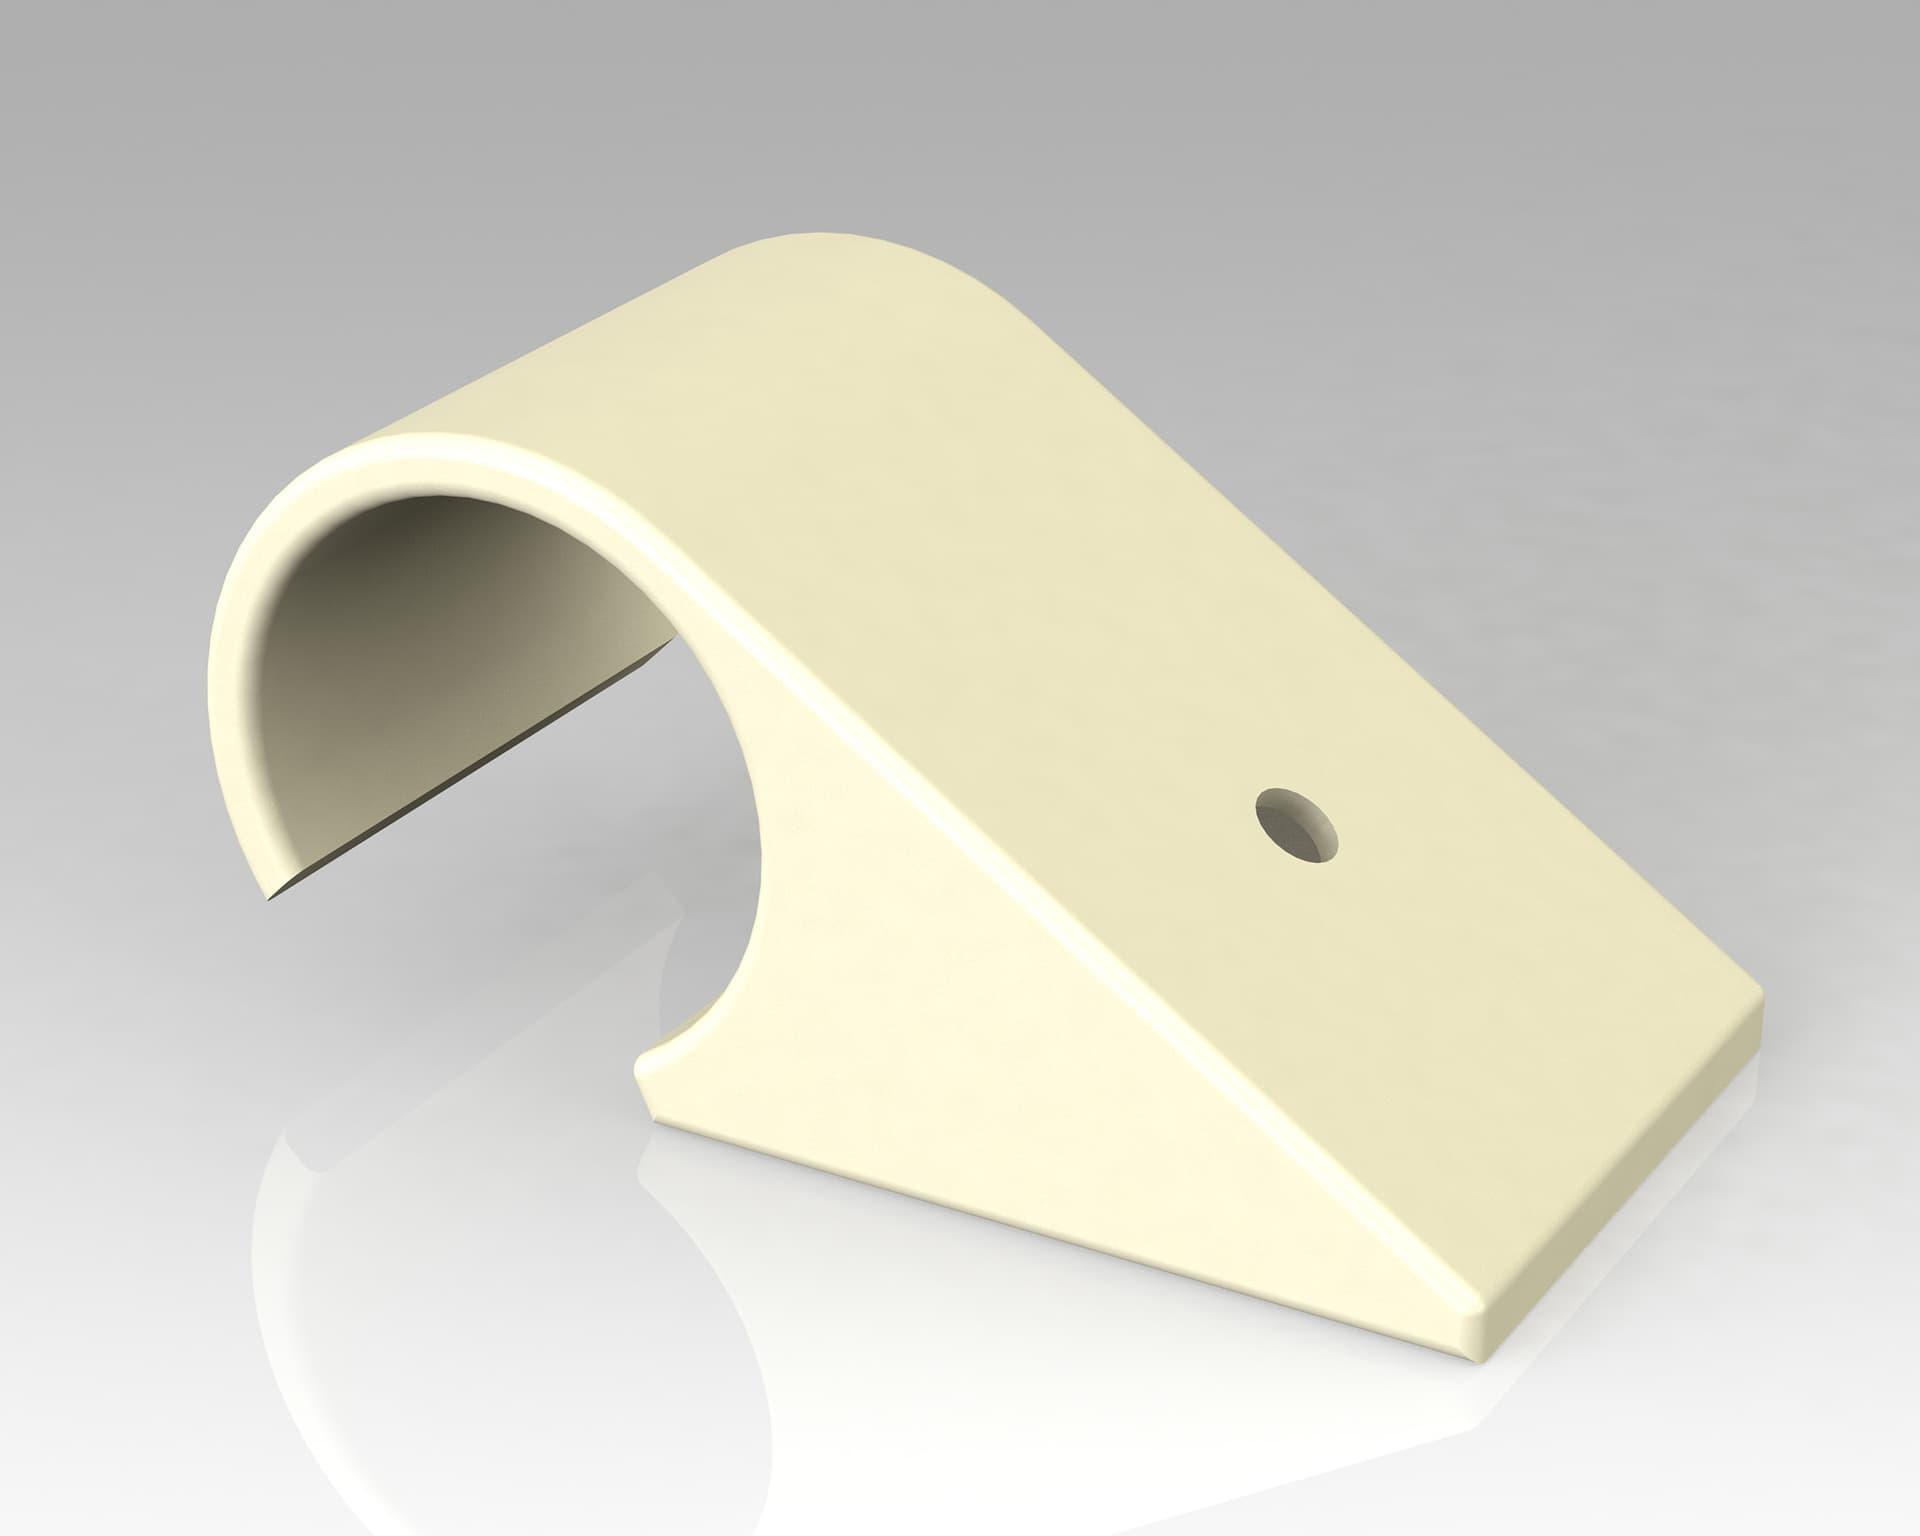 PEK3 Easytube Plastic Accessories GAP 17